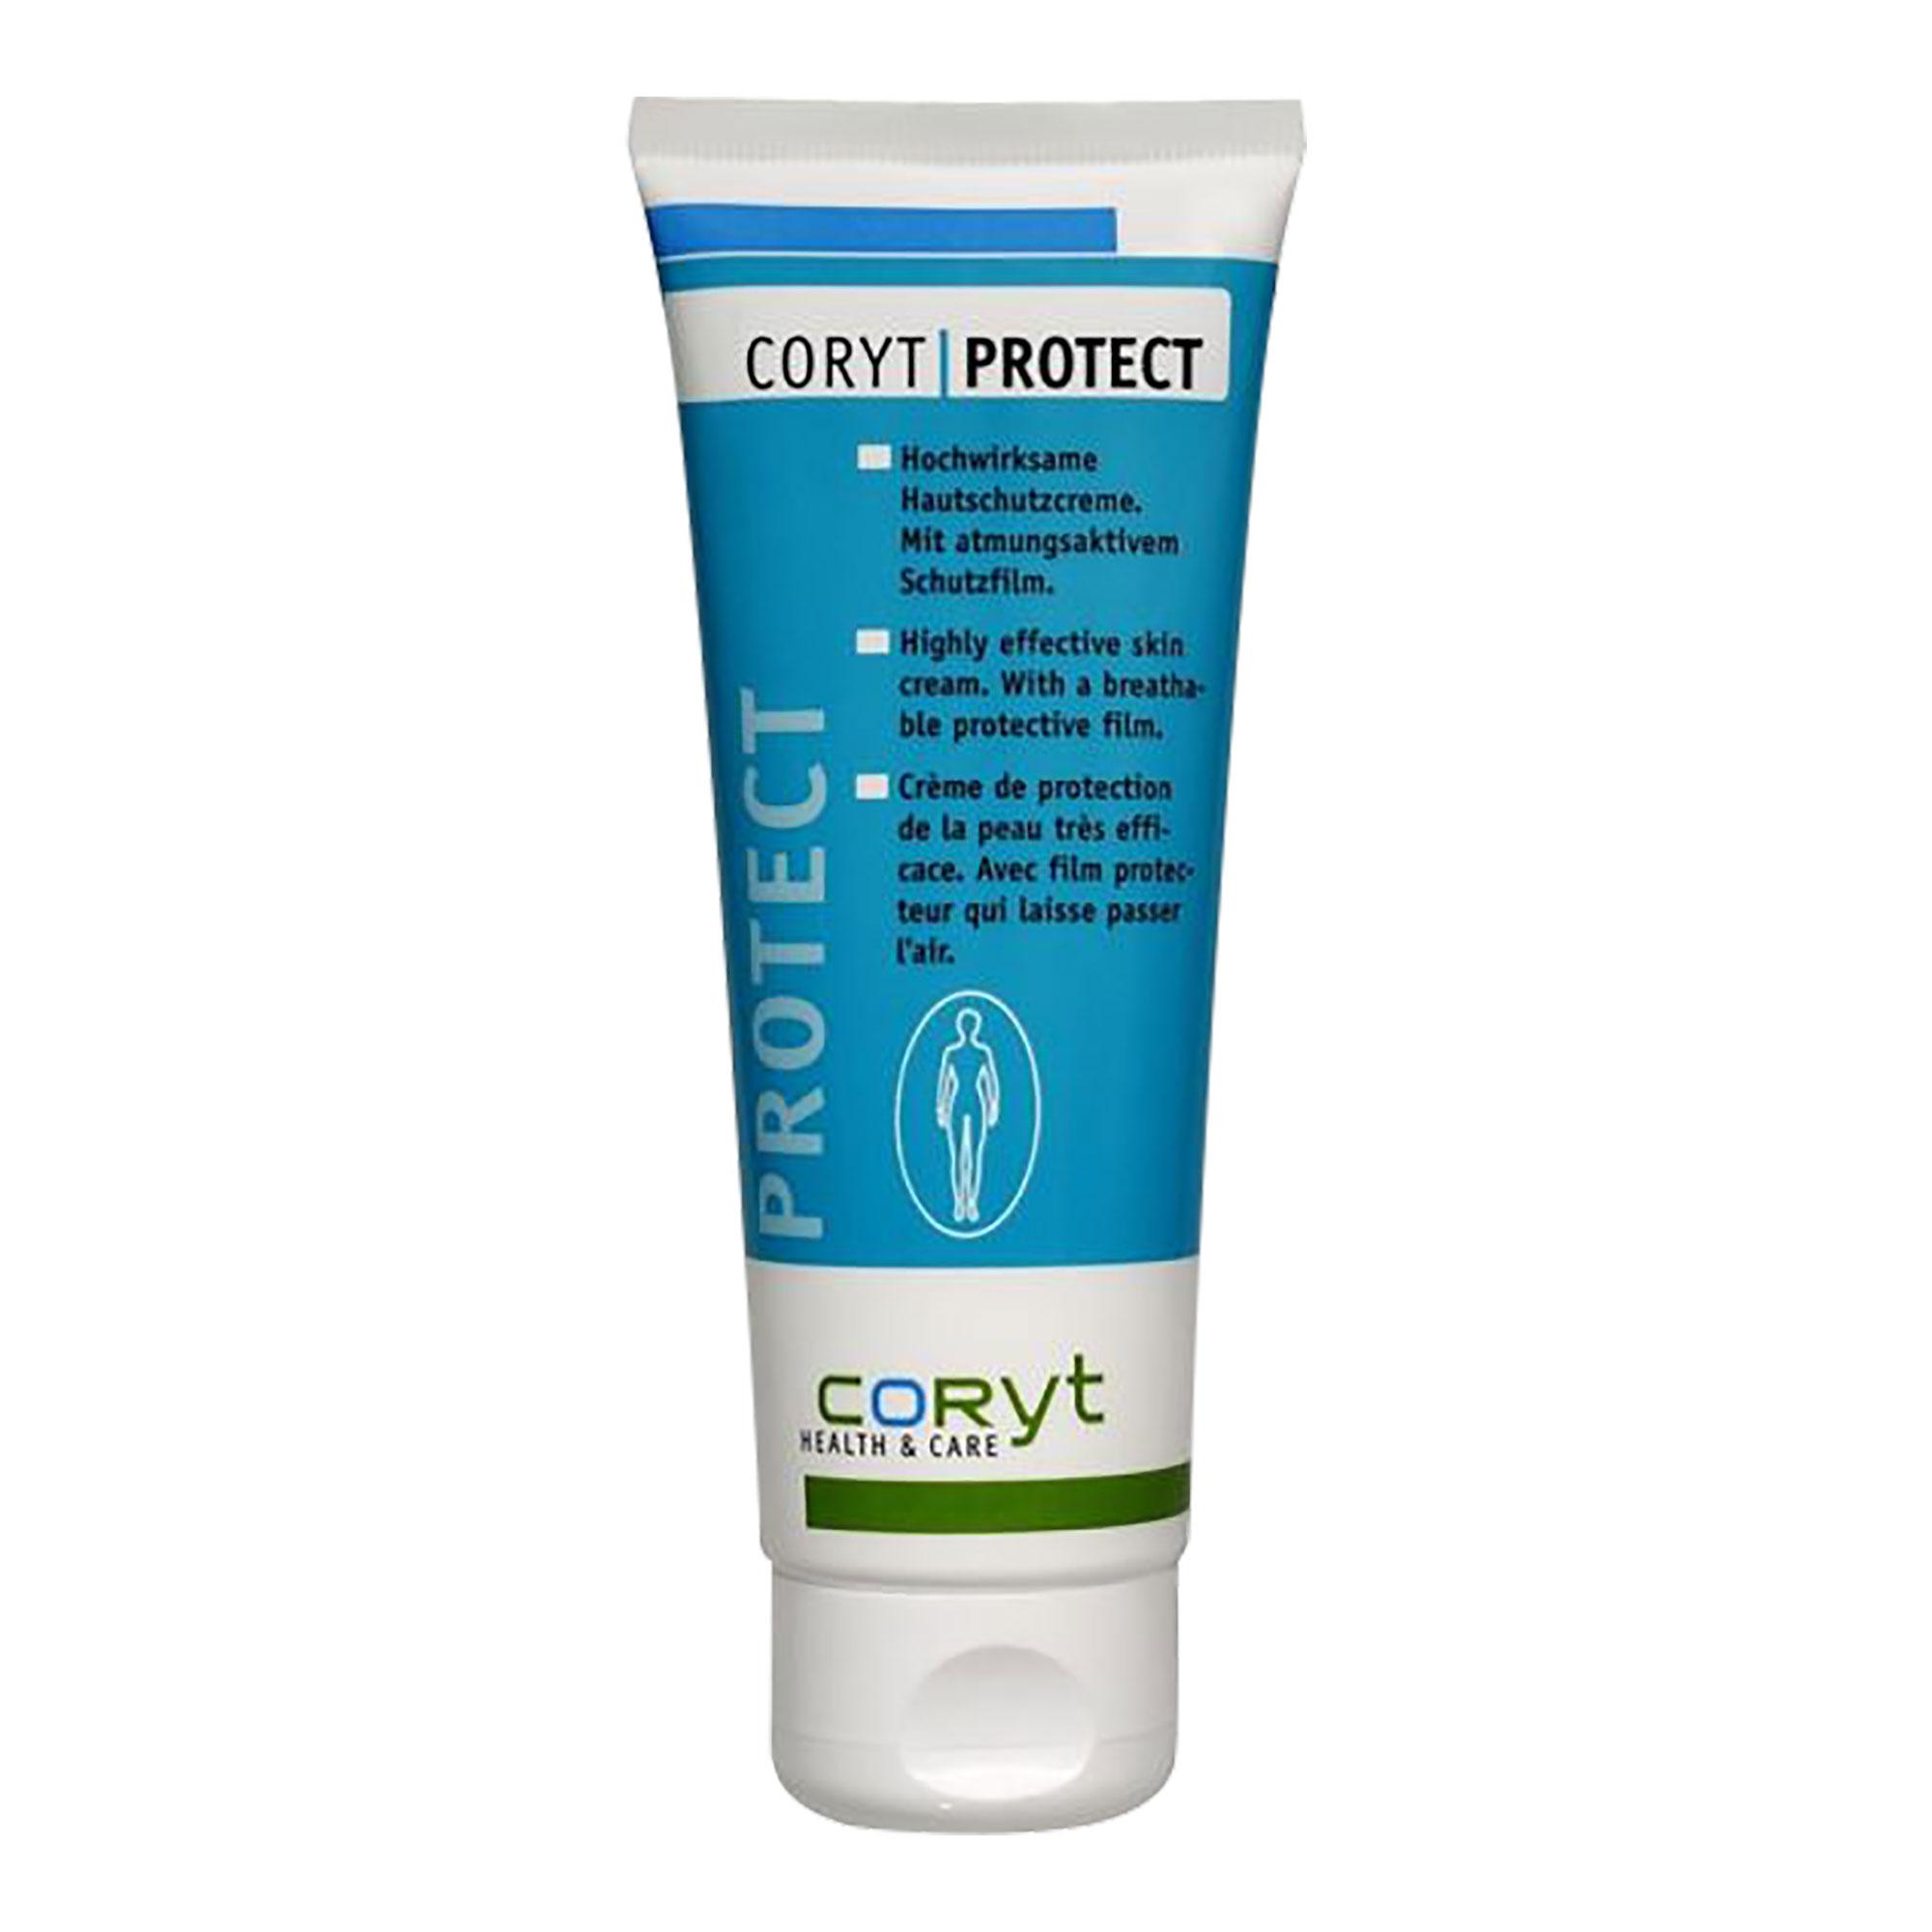 Coryt Protect Creme